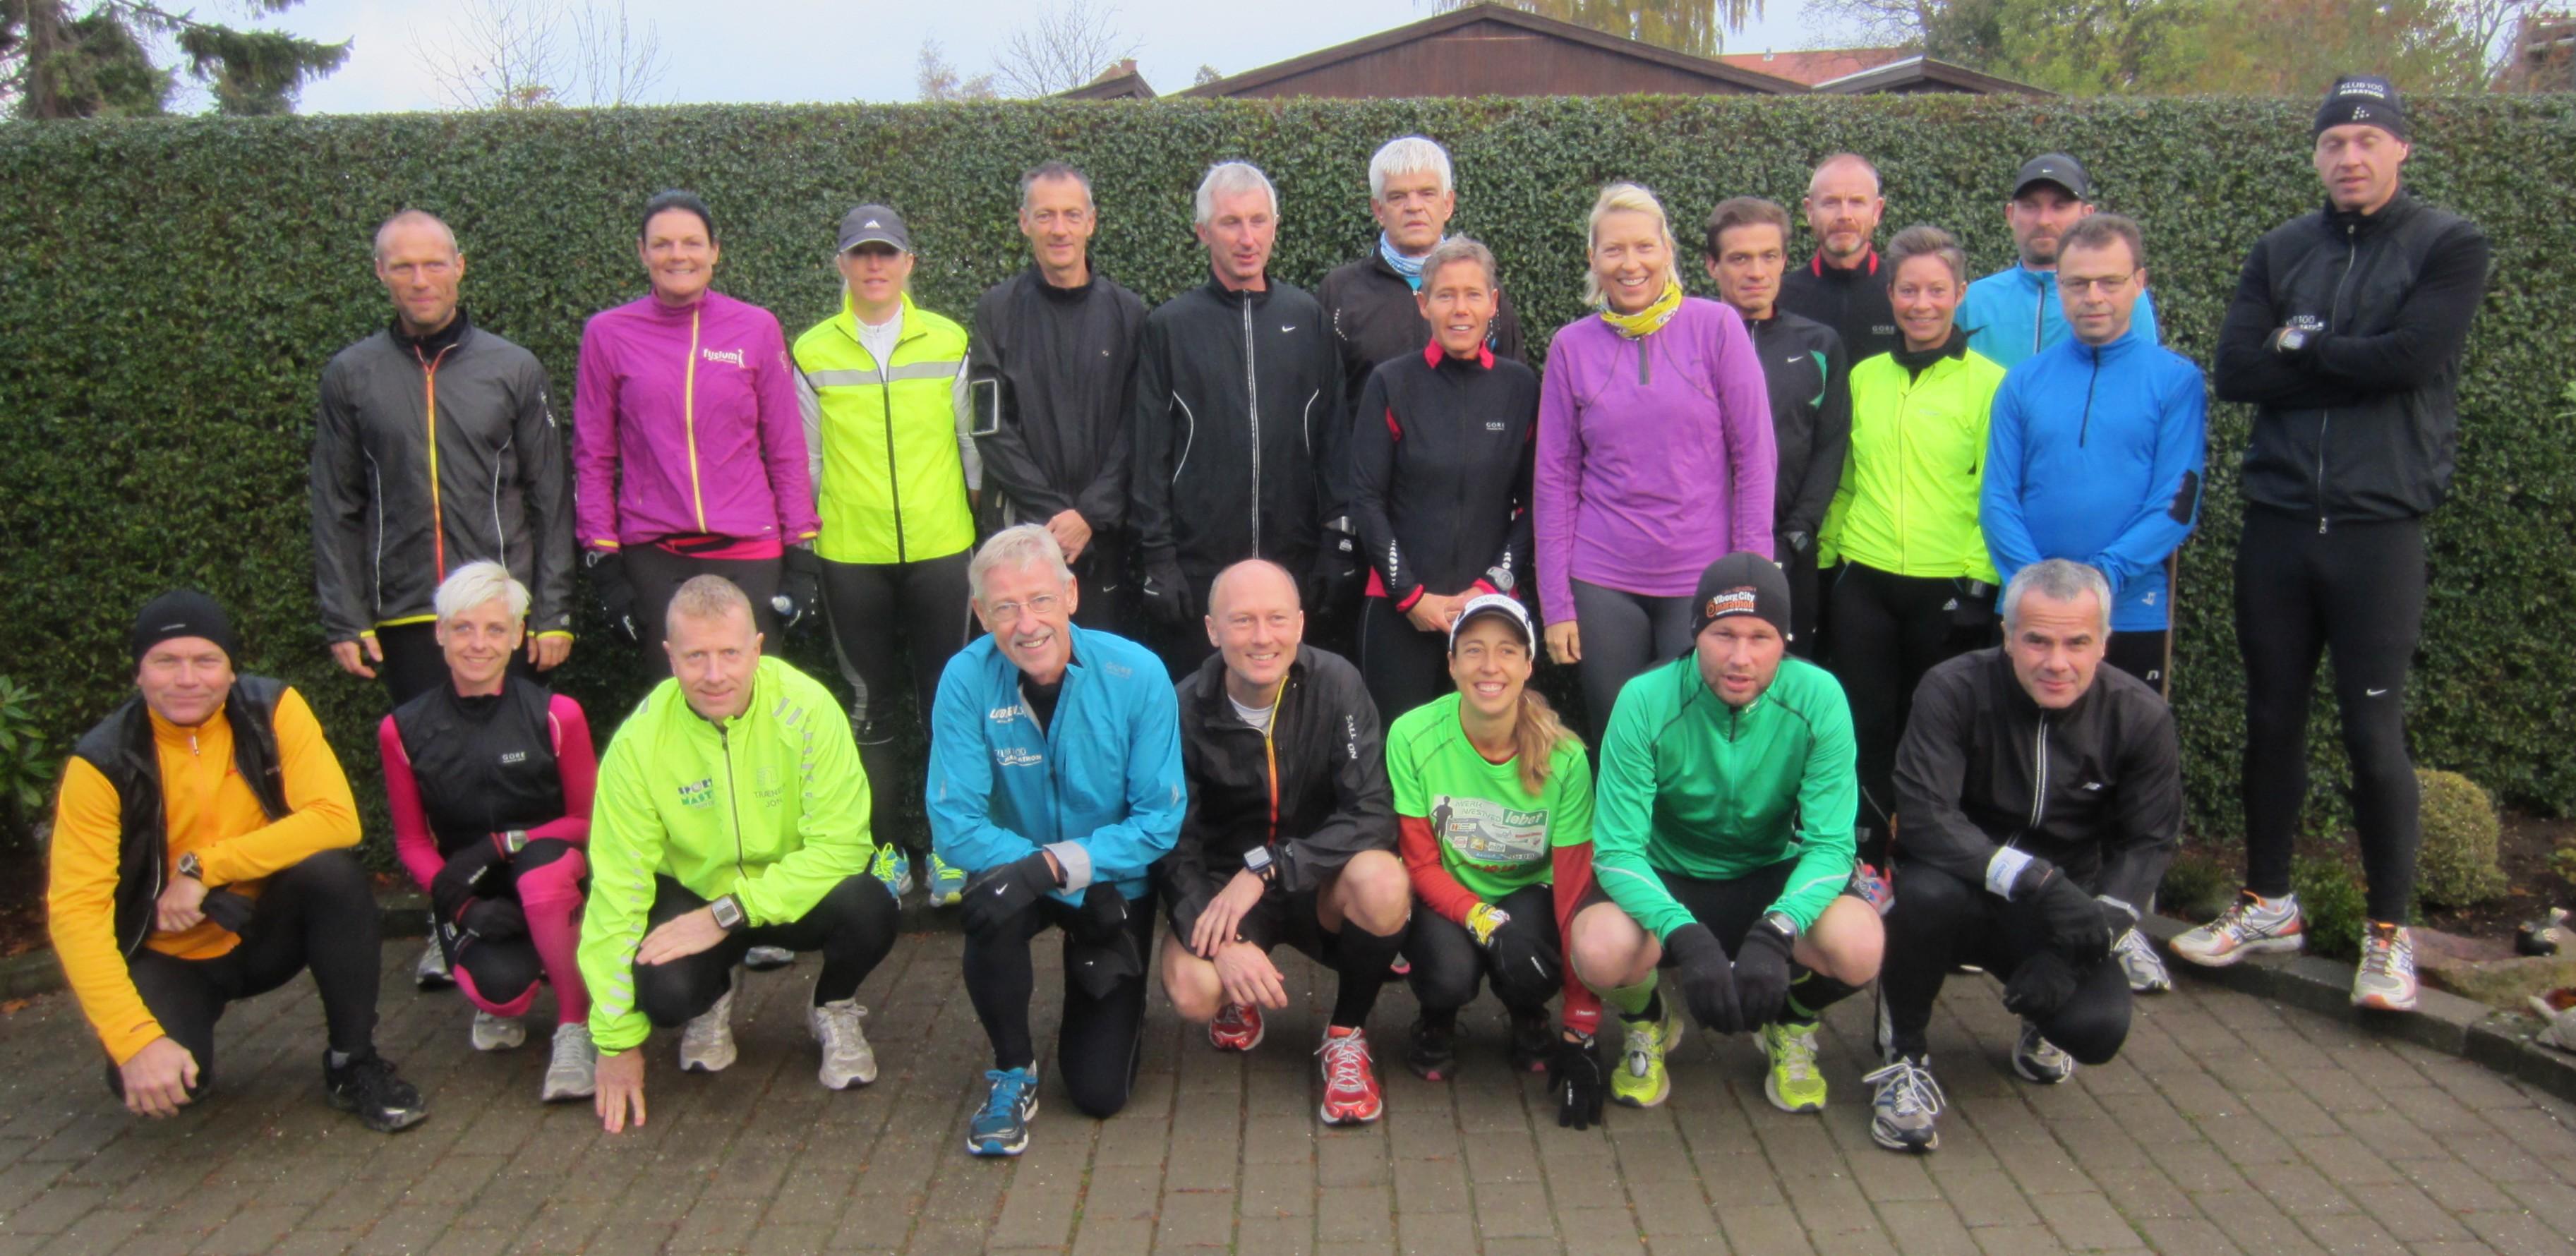 22 deltagere til start. Det største antal deltagere til Fredskov Marathon